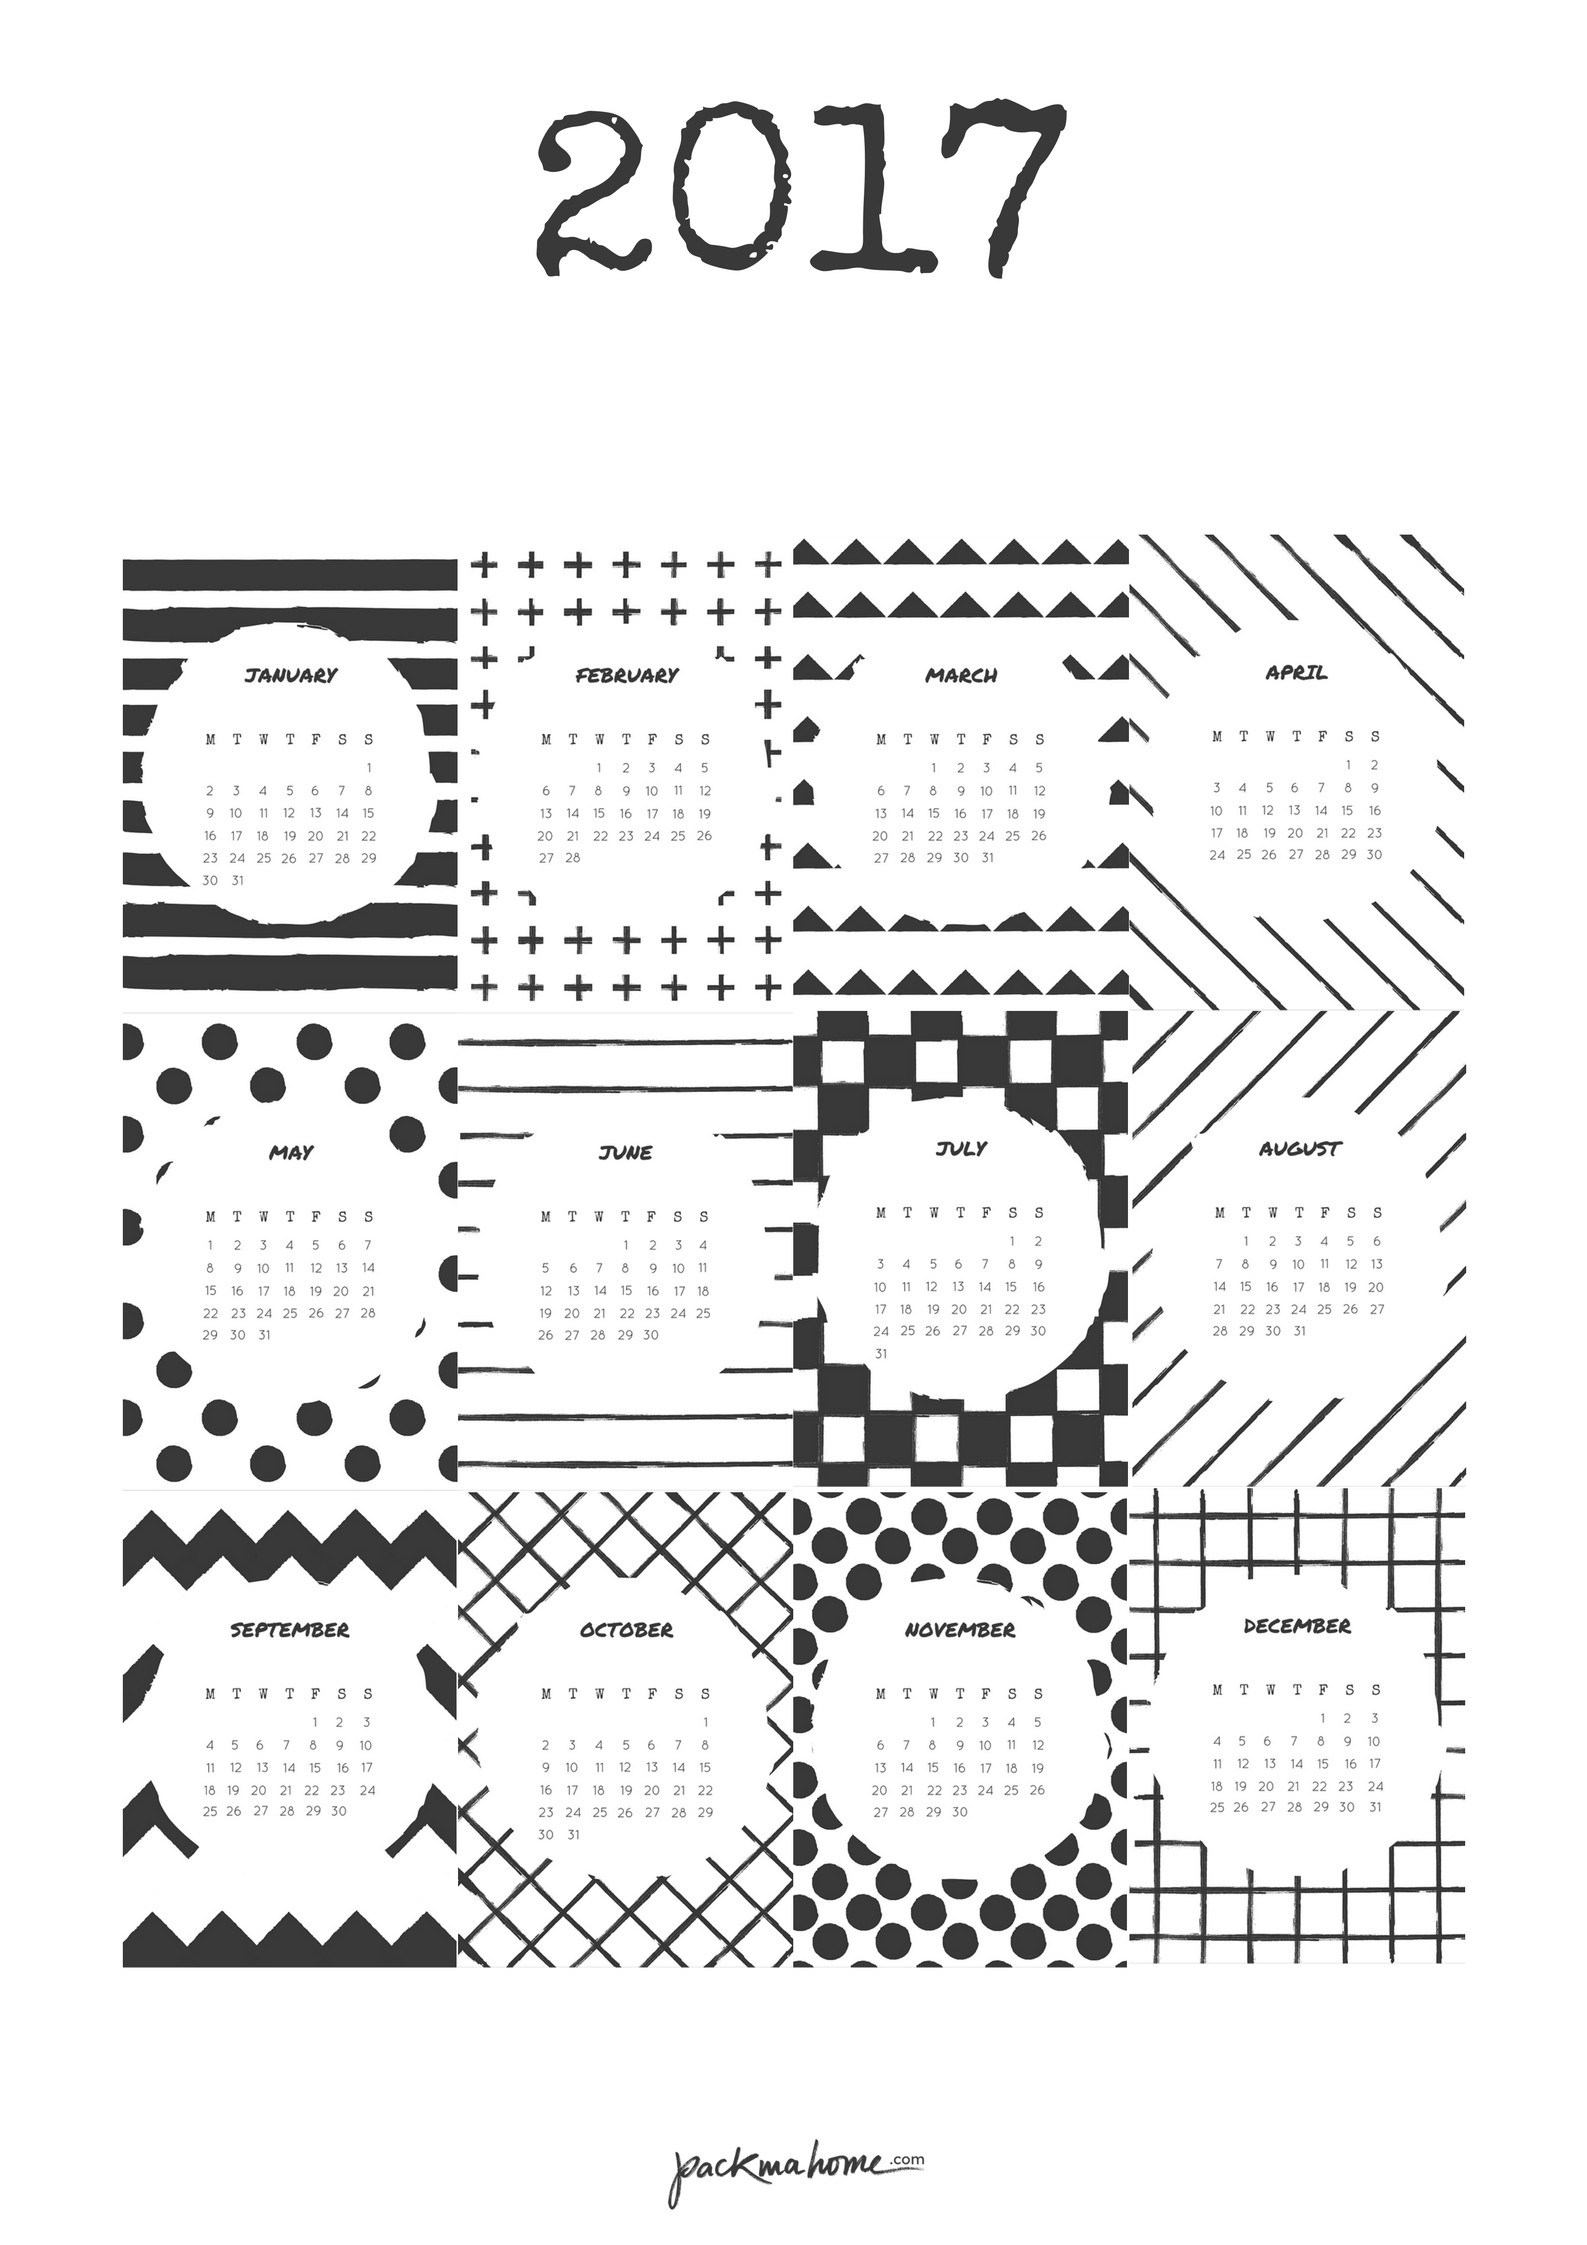 Calendario A3 Para Imprimir Más Recientes Free Printable 2017 Calendar Printables Pinterest Of Calendario A3 Para Imprimir Recientes Texto Consolidado R3821 — Es — 24 07 2009